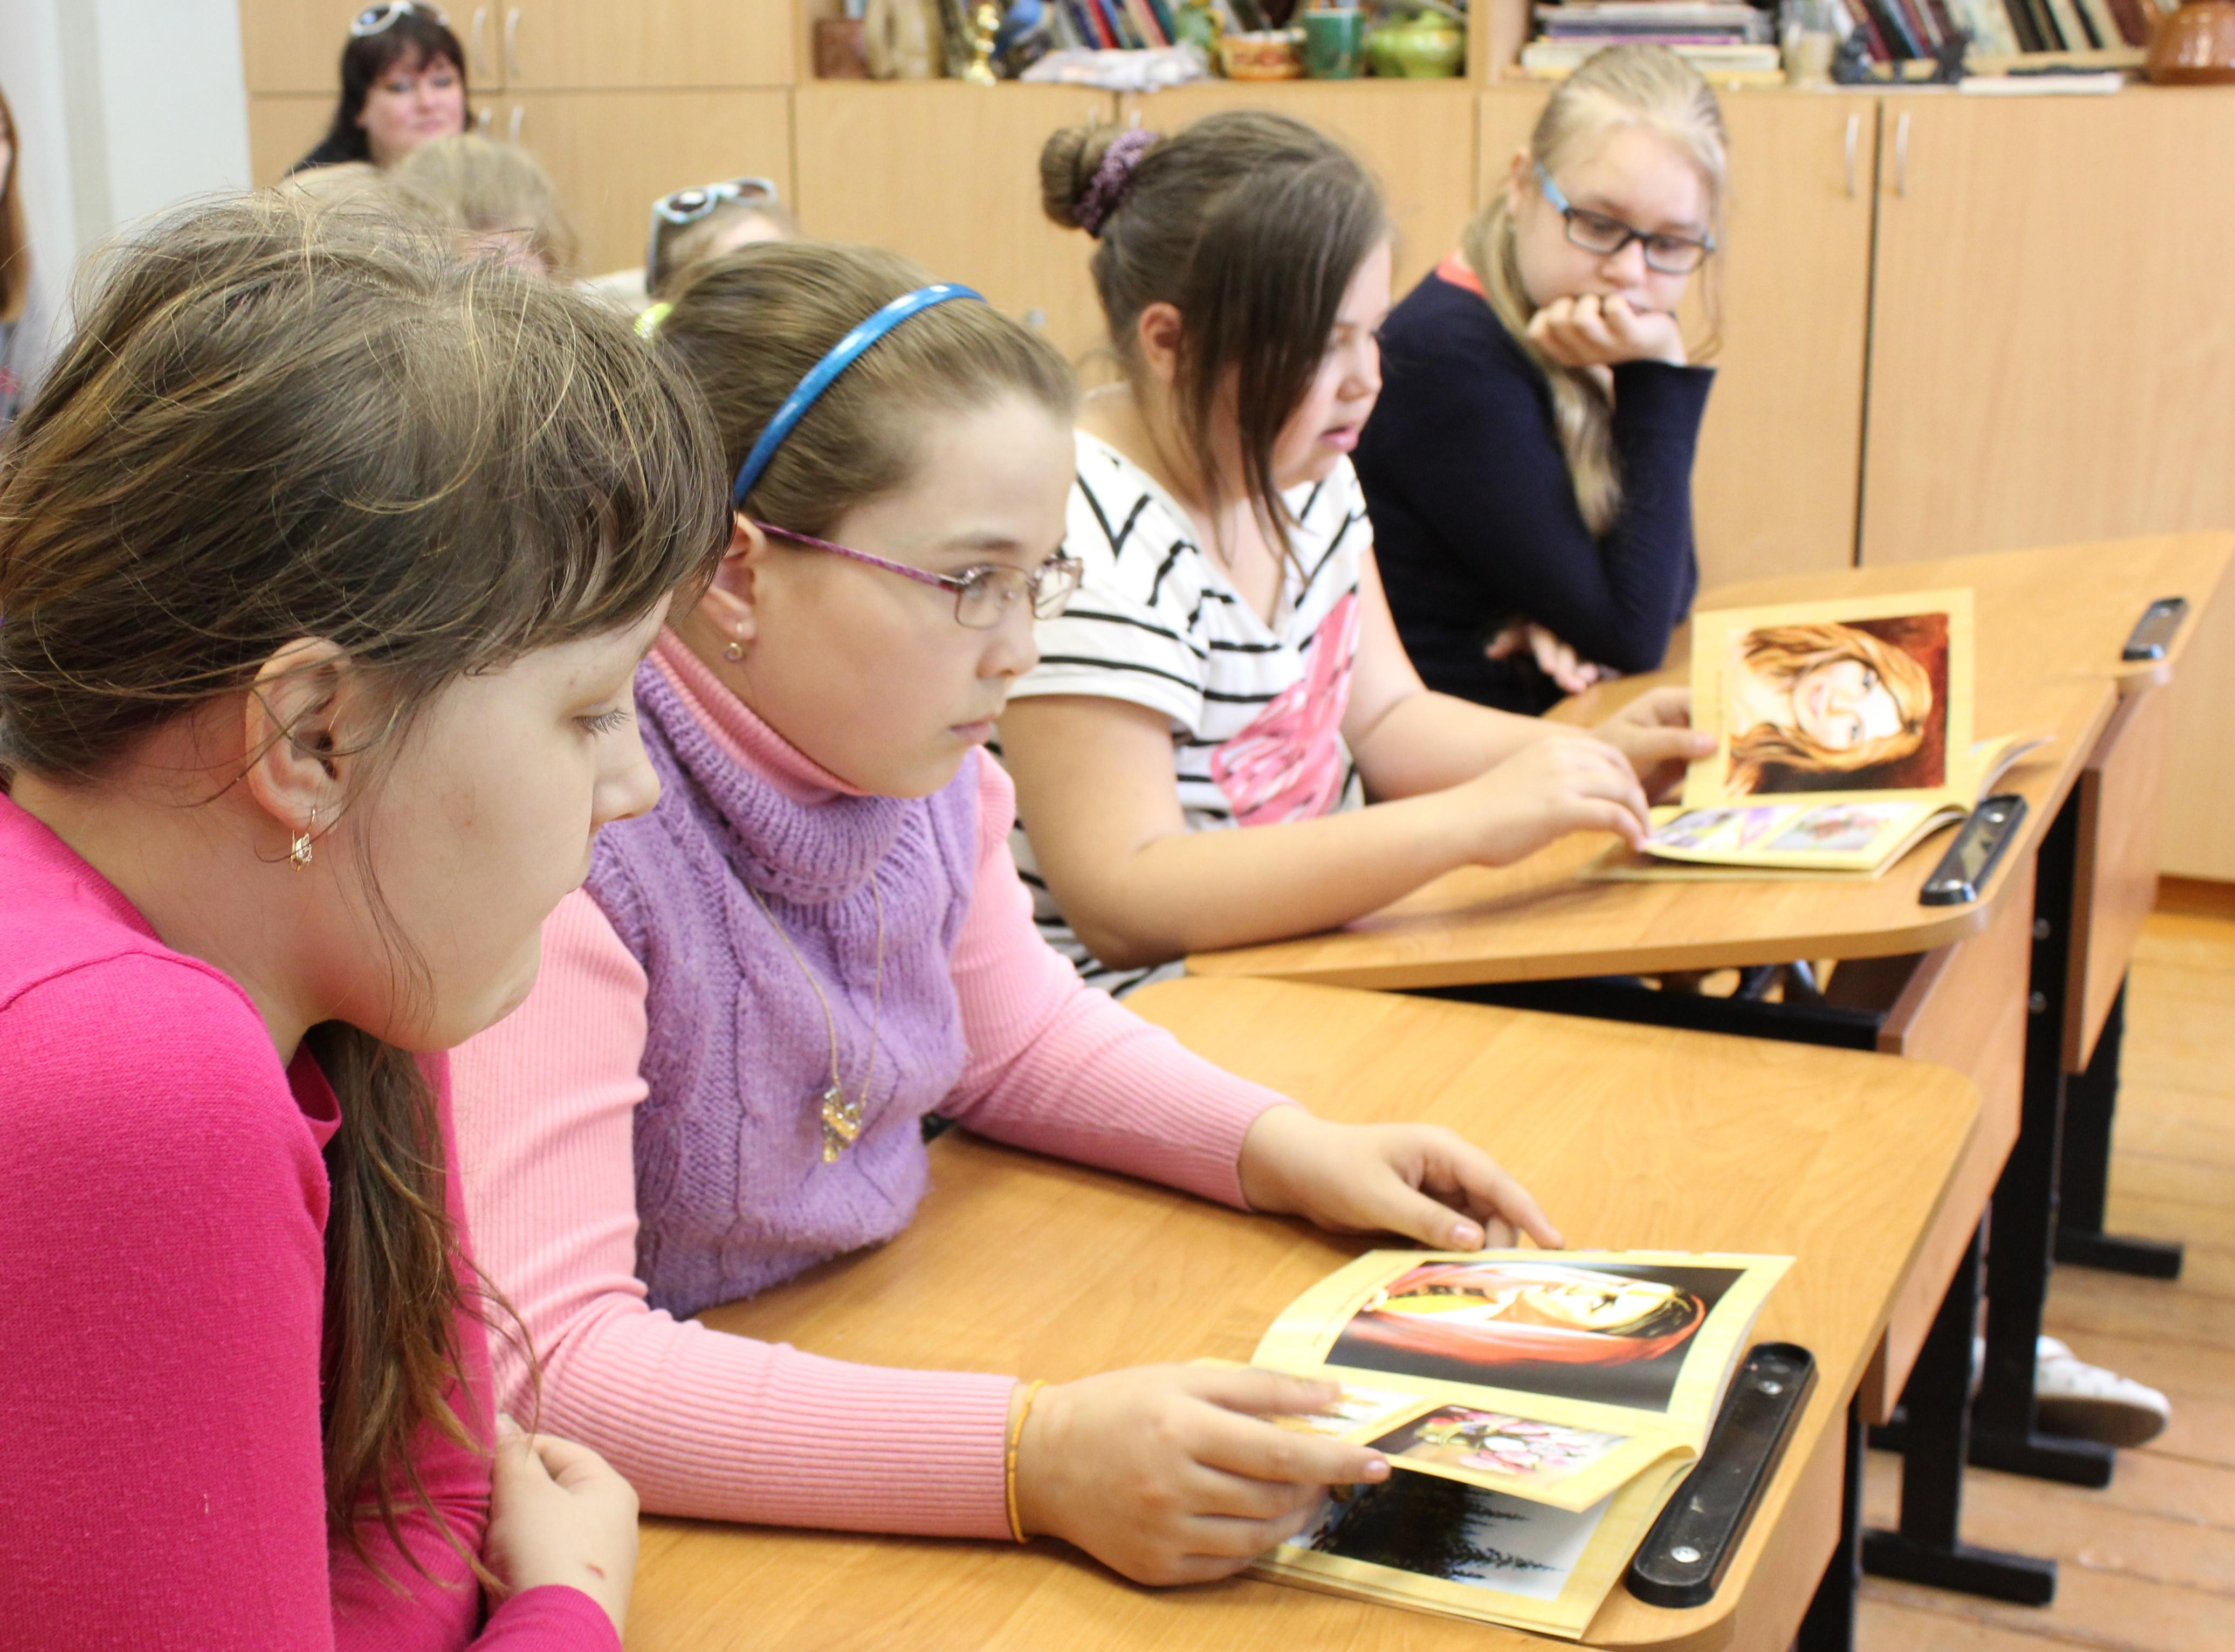 Творческая встреча В. Кобоева с учащимися Петроз. детской школы искусств. 28 мая 2014 г. Фото М. Июдиной (9)